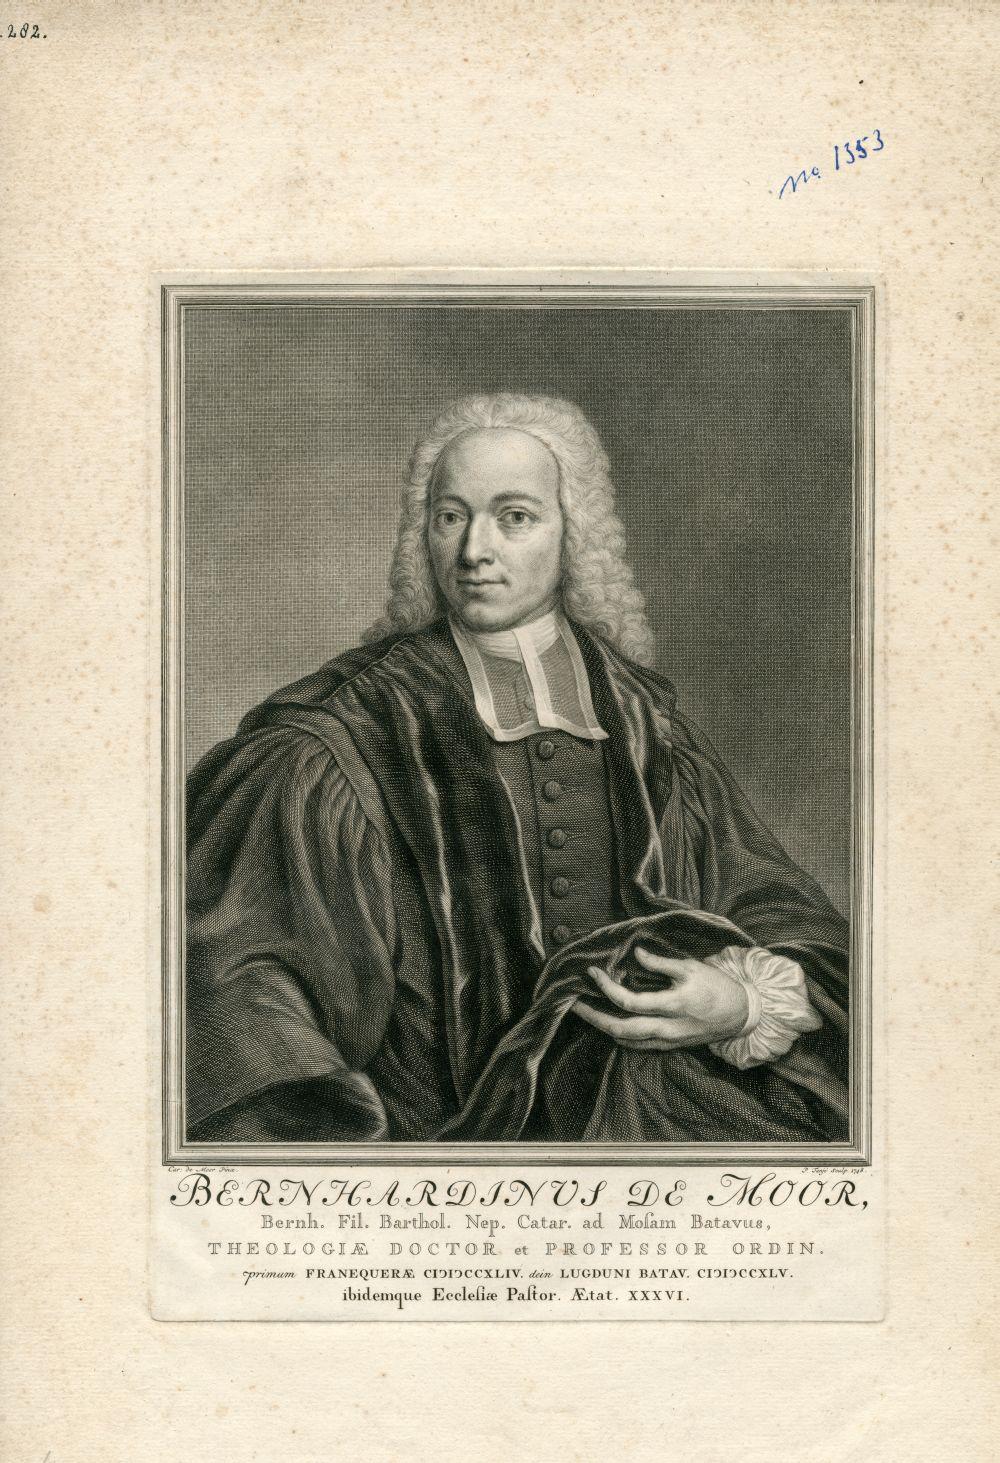 Portret van Bernhardinus de Moor door P. Tanje